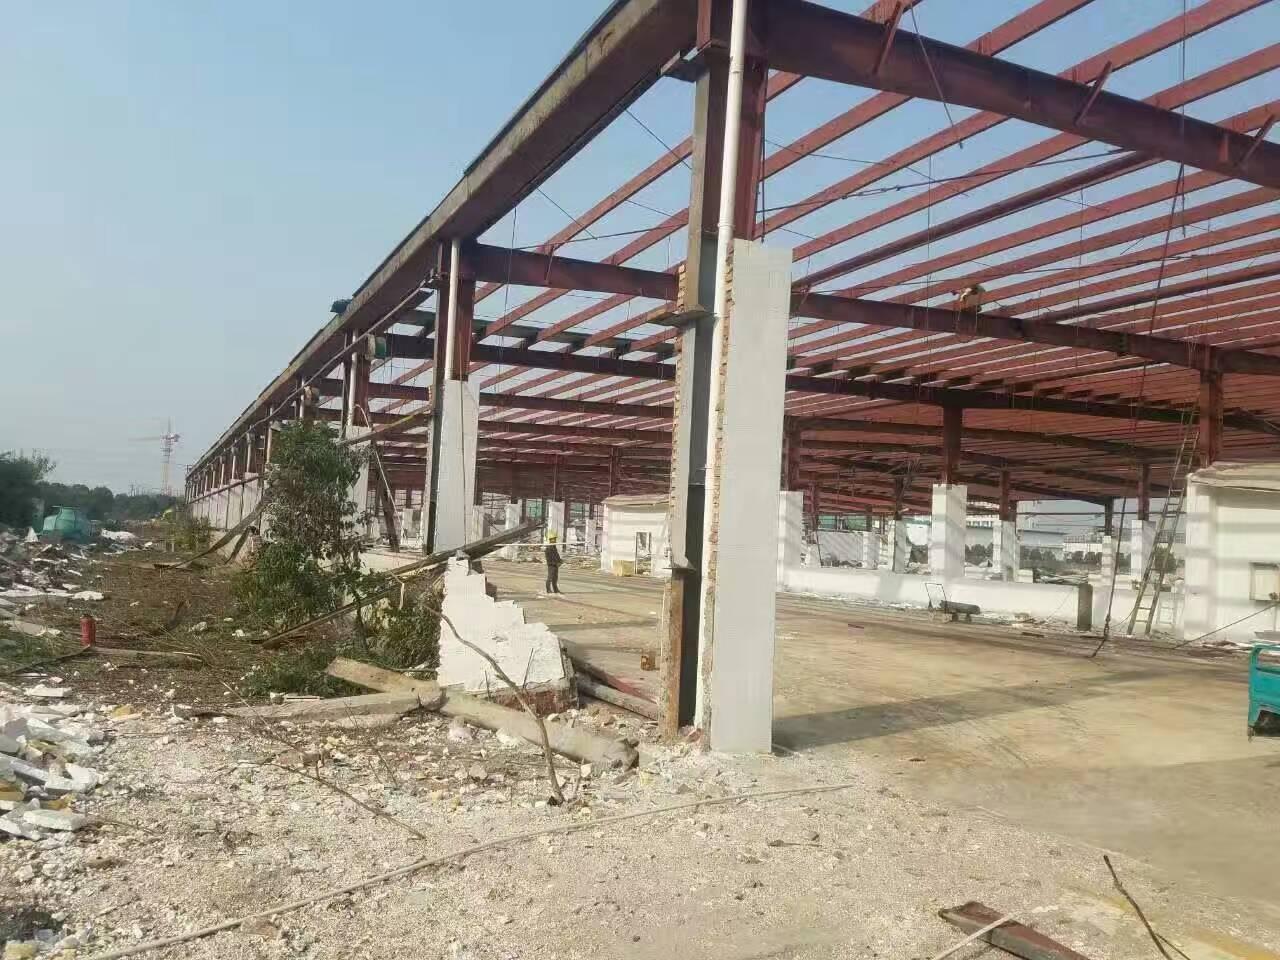 旧钢结构厂房建造找海涛金属材料 旧钢结构材料出售